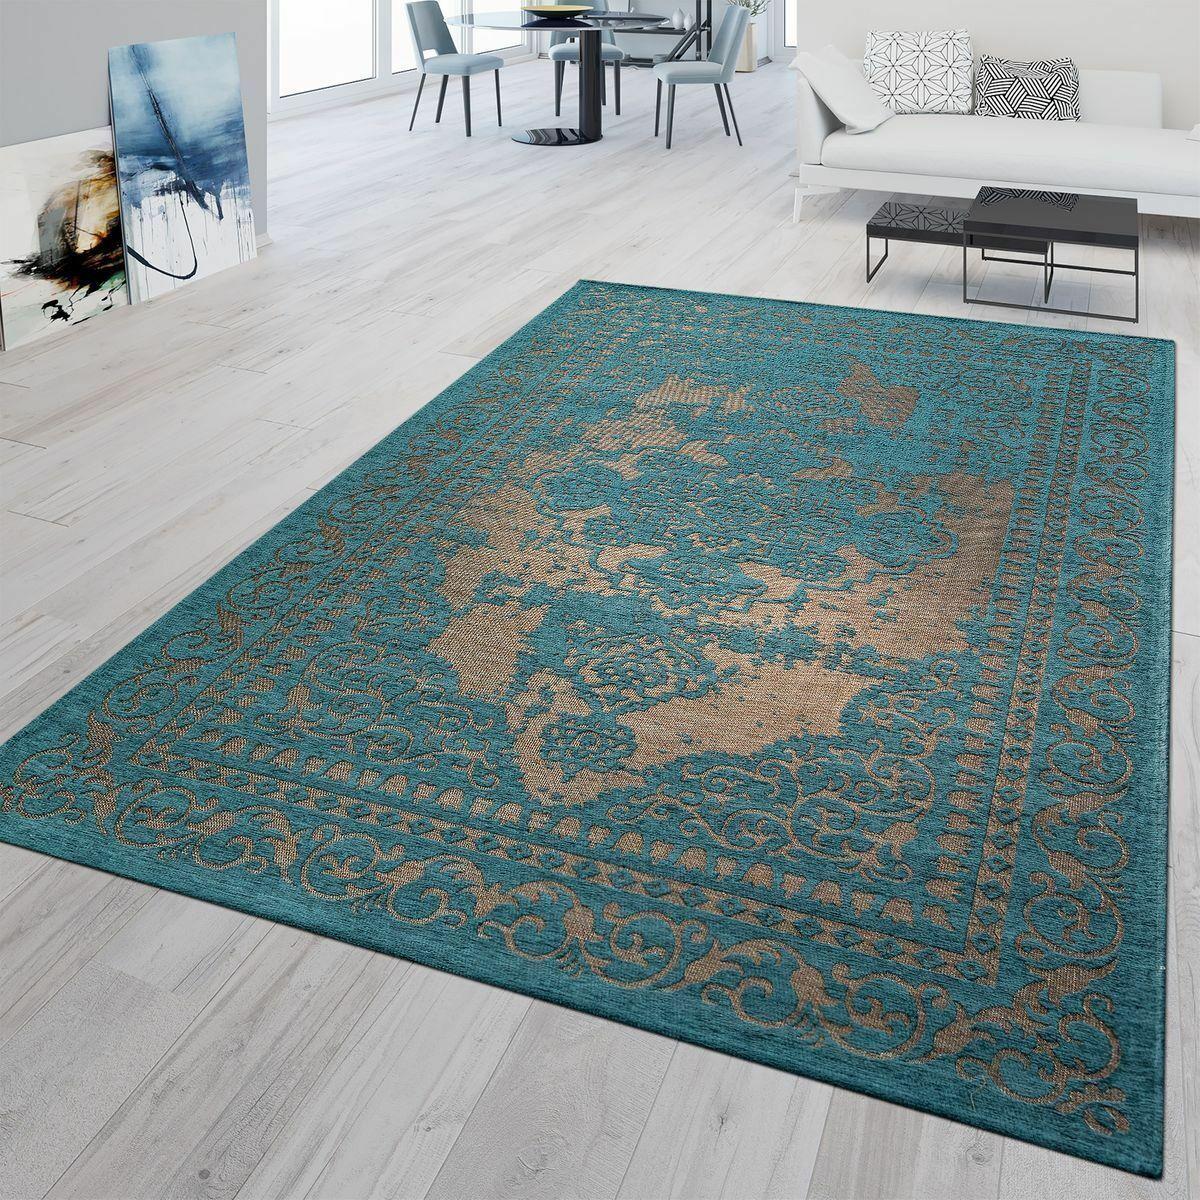 Tappeto Moderno Tradizionale Tappeti interni stile shabby tappetini TAPPETI ORIENTALI Colore Foglia Di Tè Beige